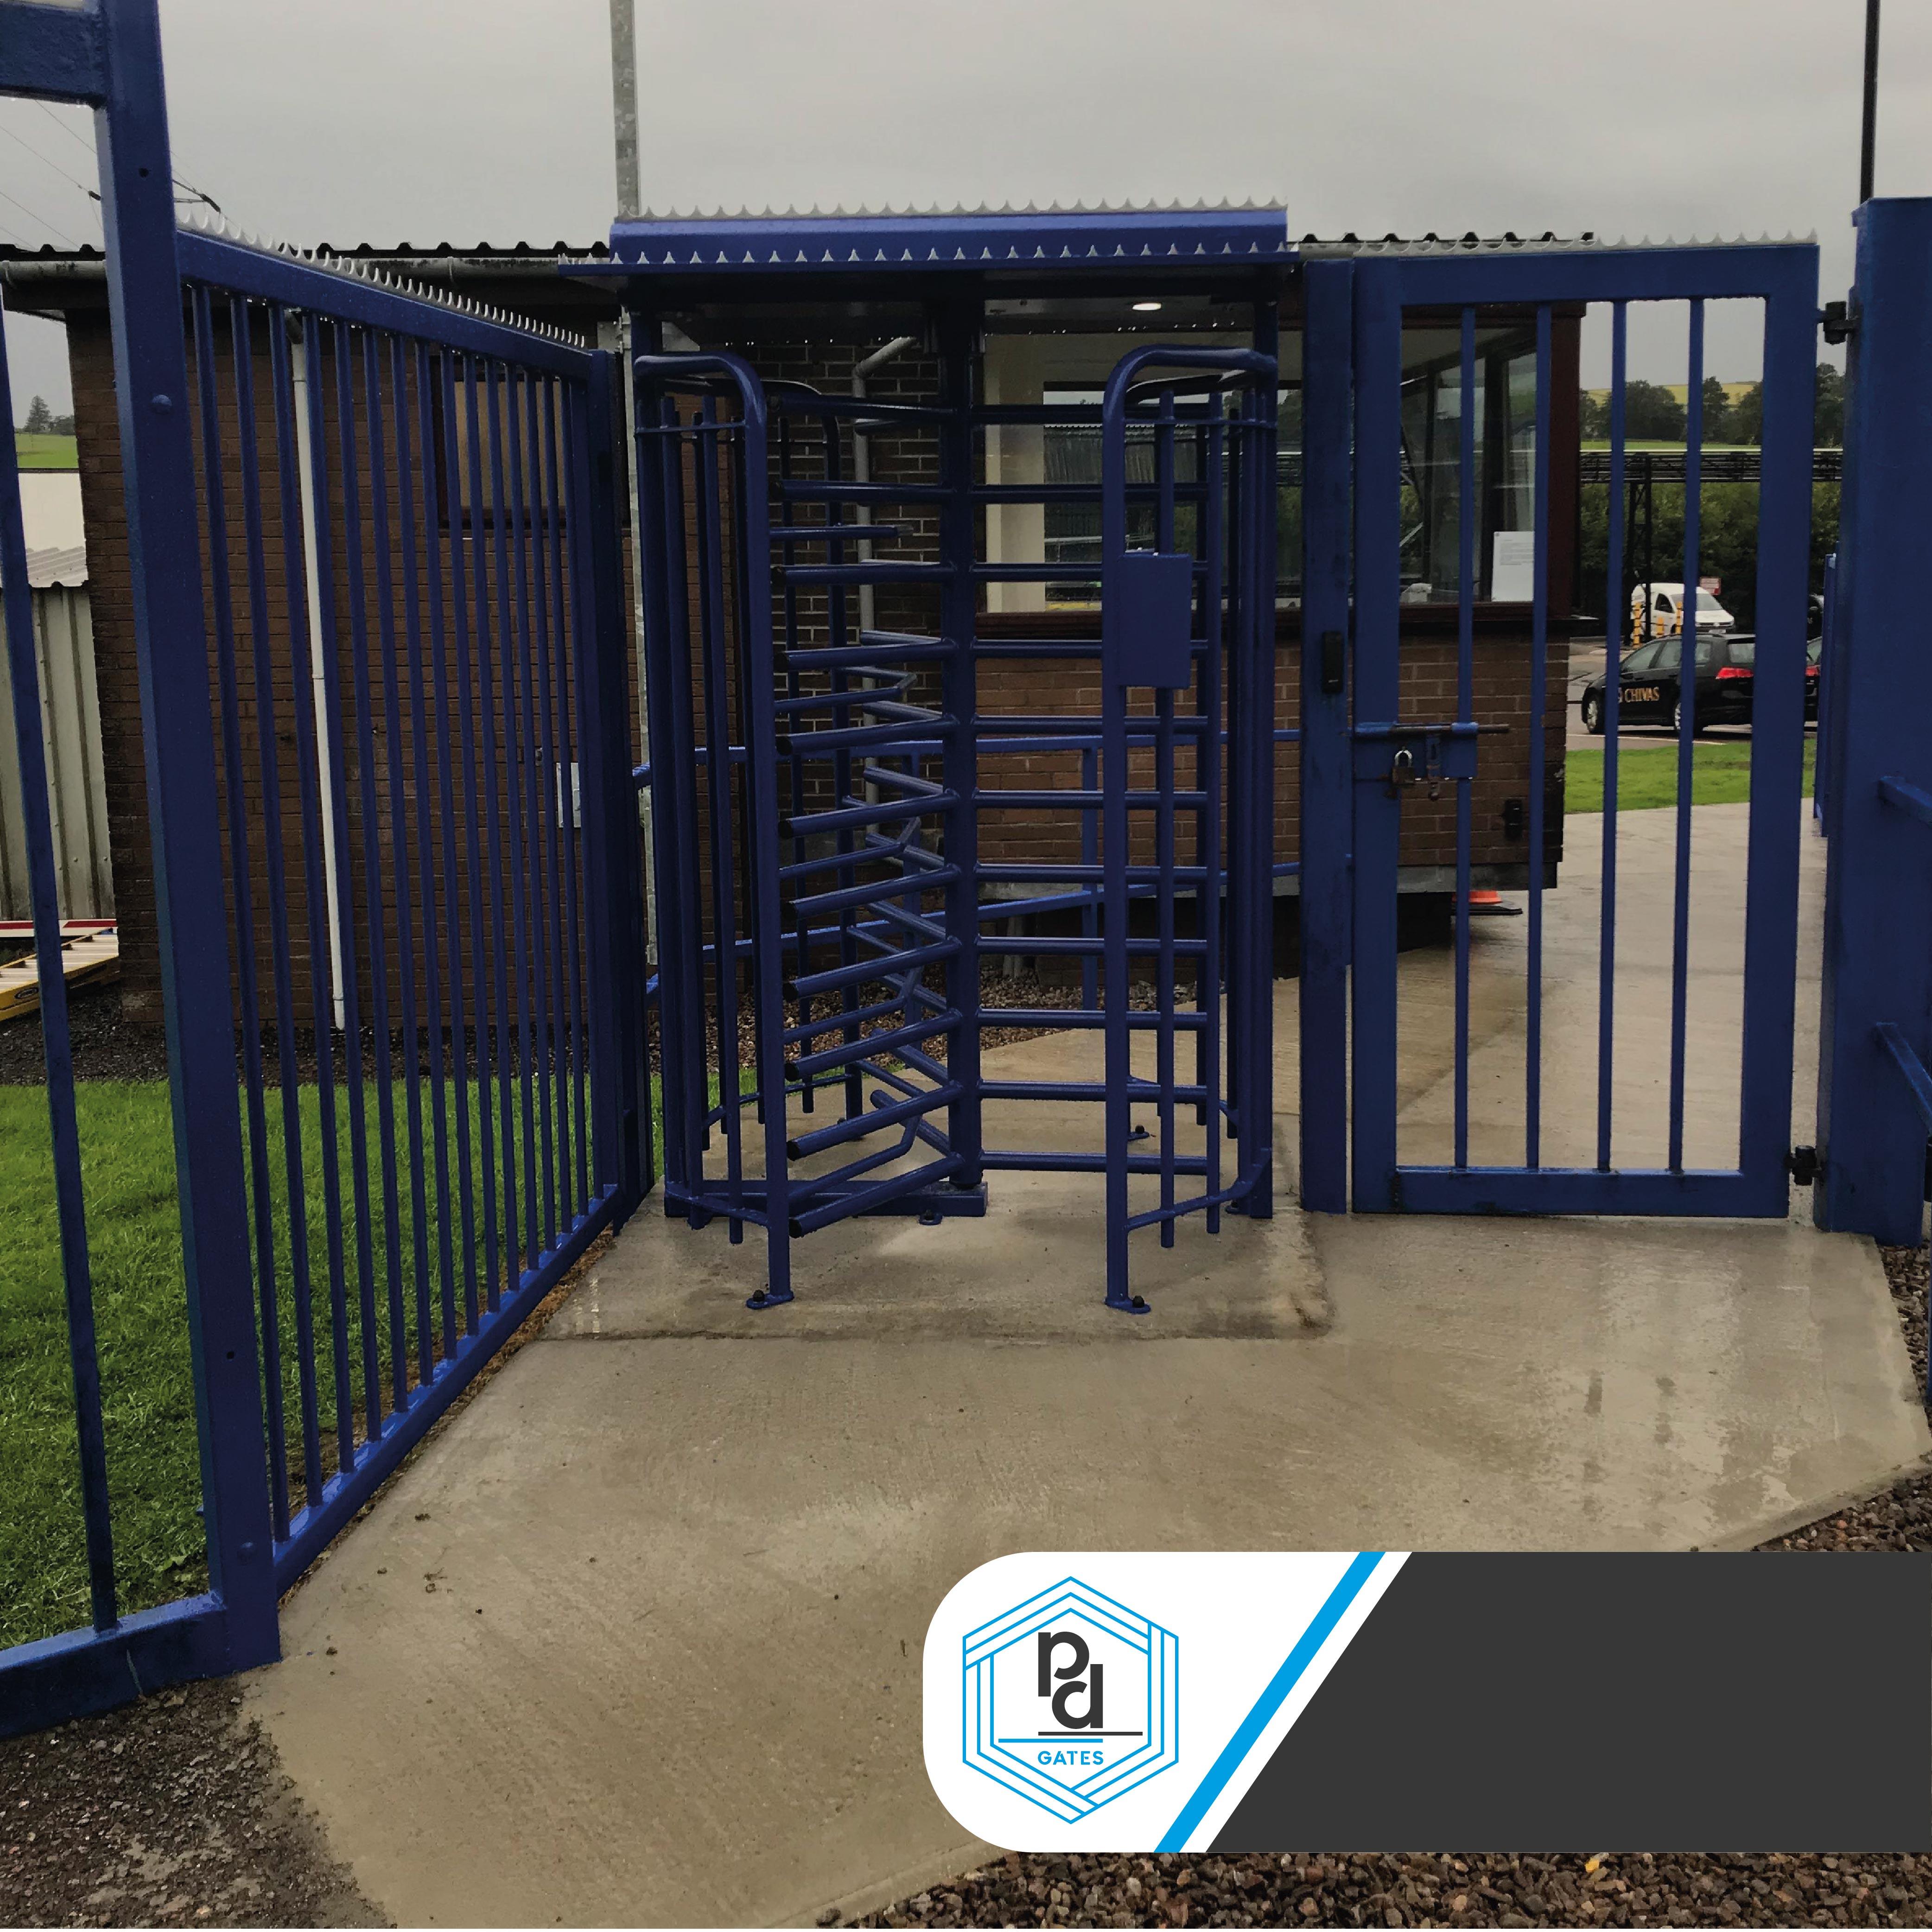 pd_gates-20